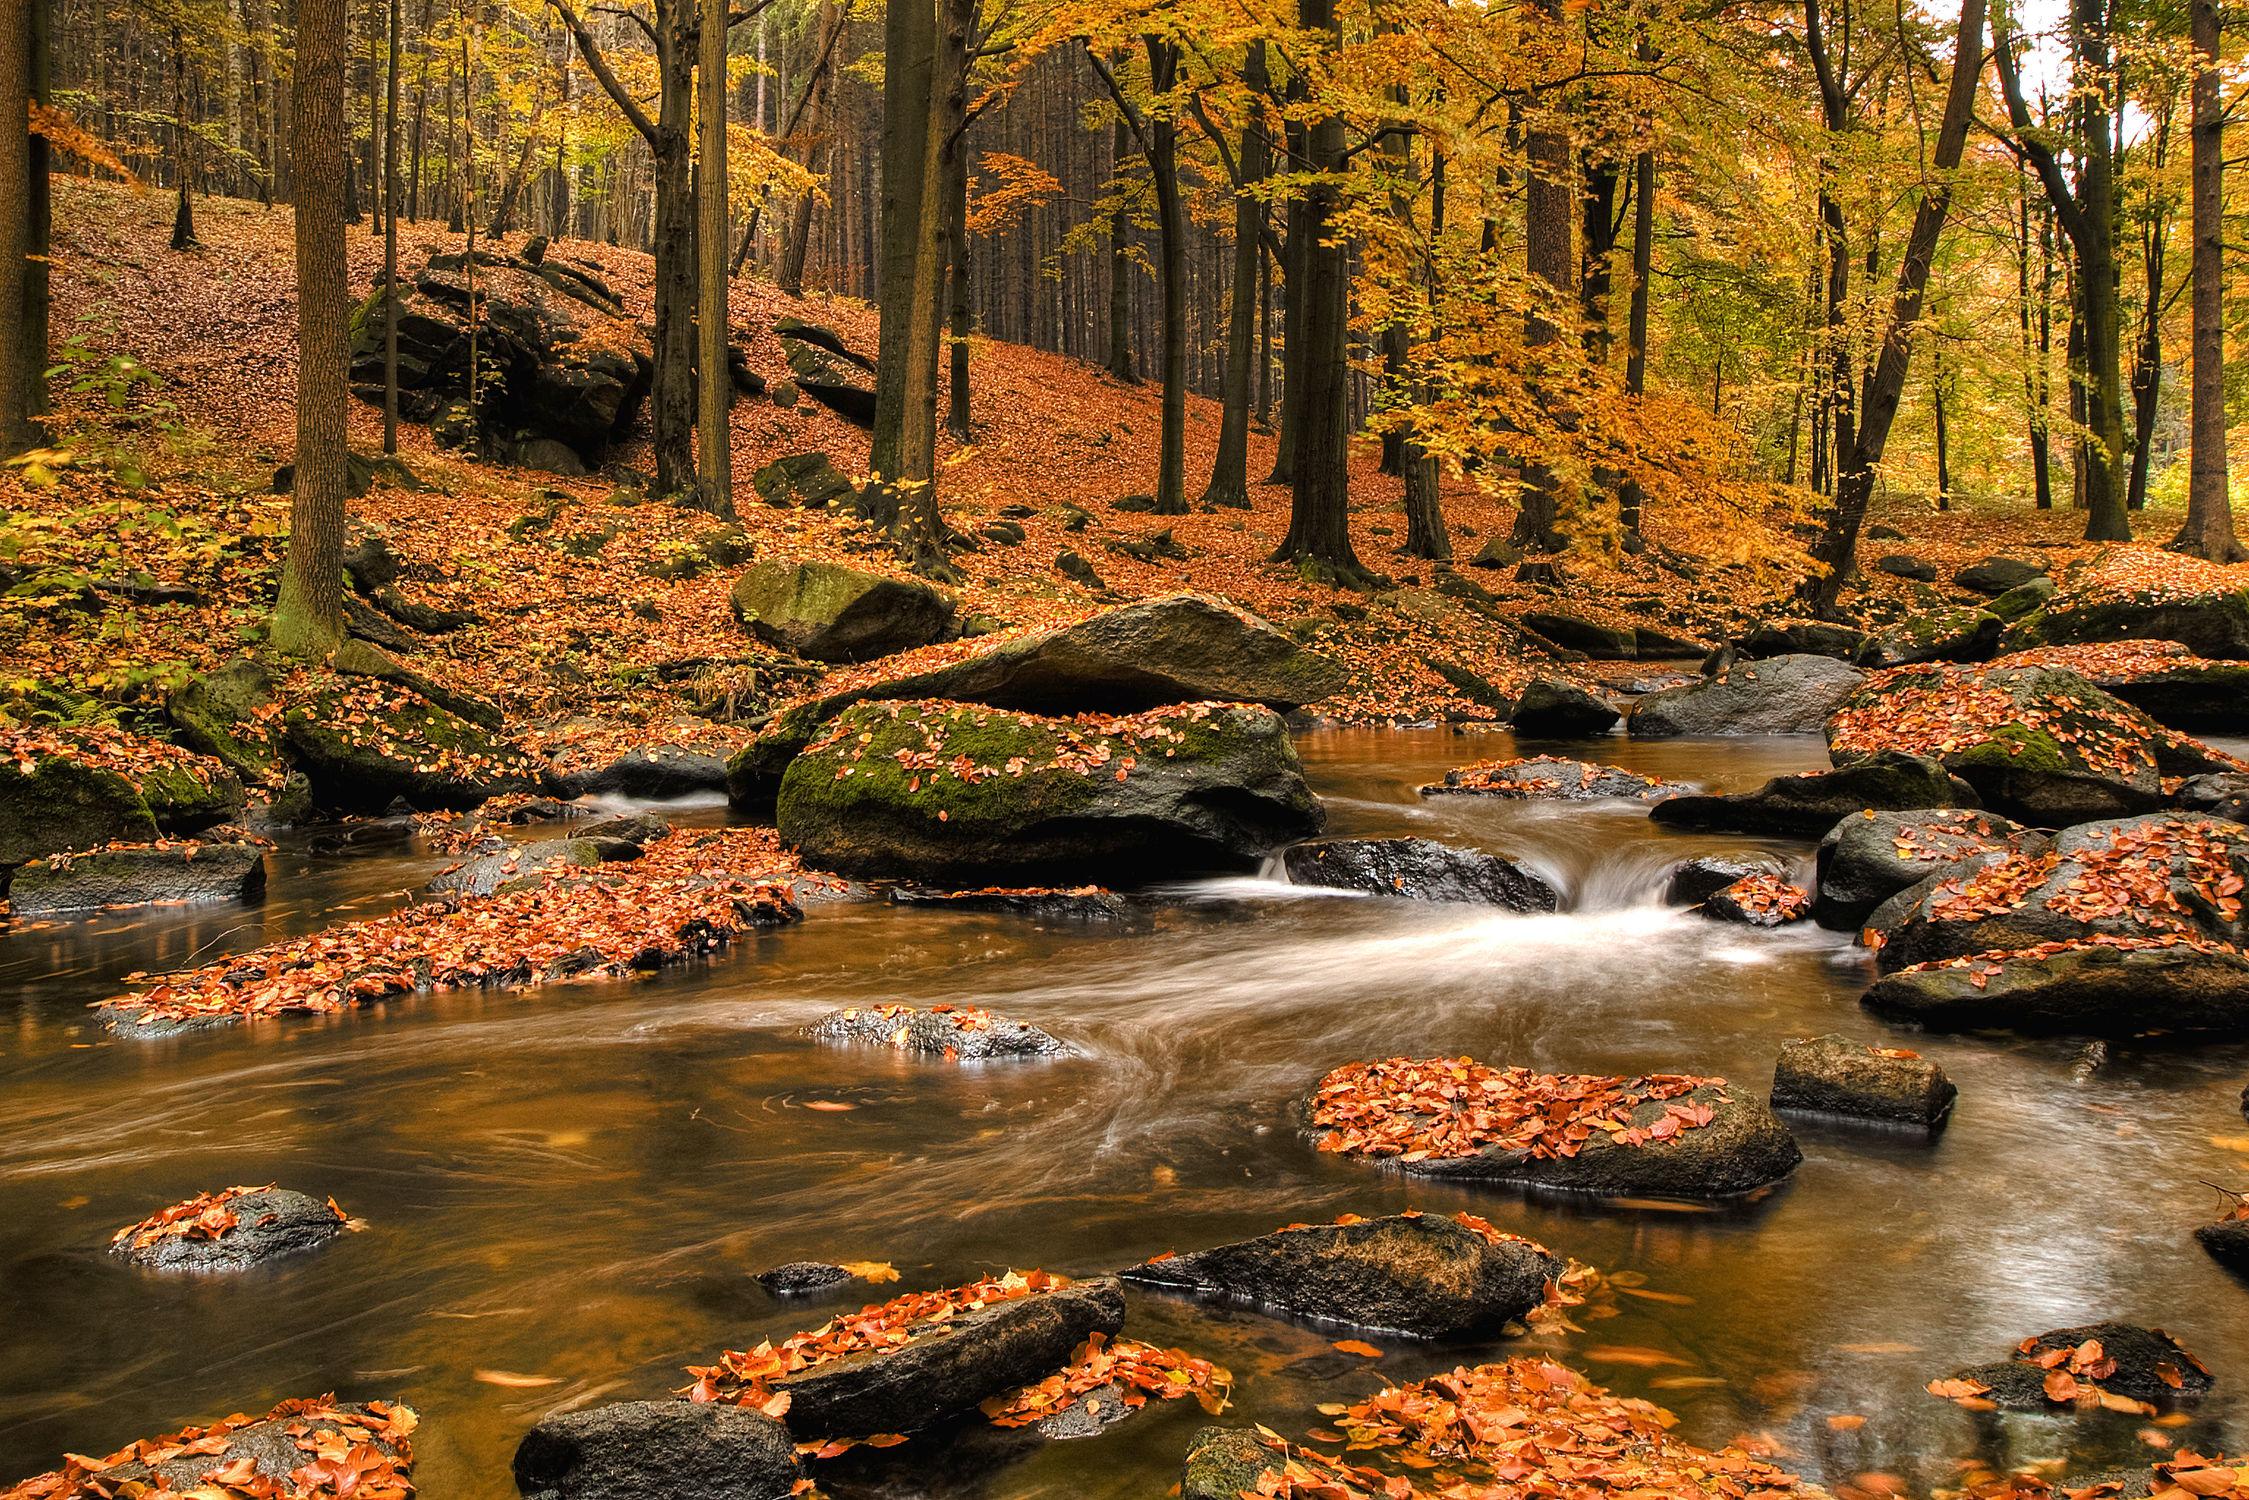 Bild mit Gewässer, Flüsse, Herbst, Wasserfälle, Bach, Wasserfall, Elfen, Wasserläufe, Fluss, Feenland, Elfenland, feen